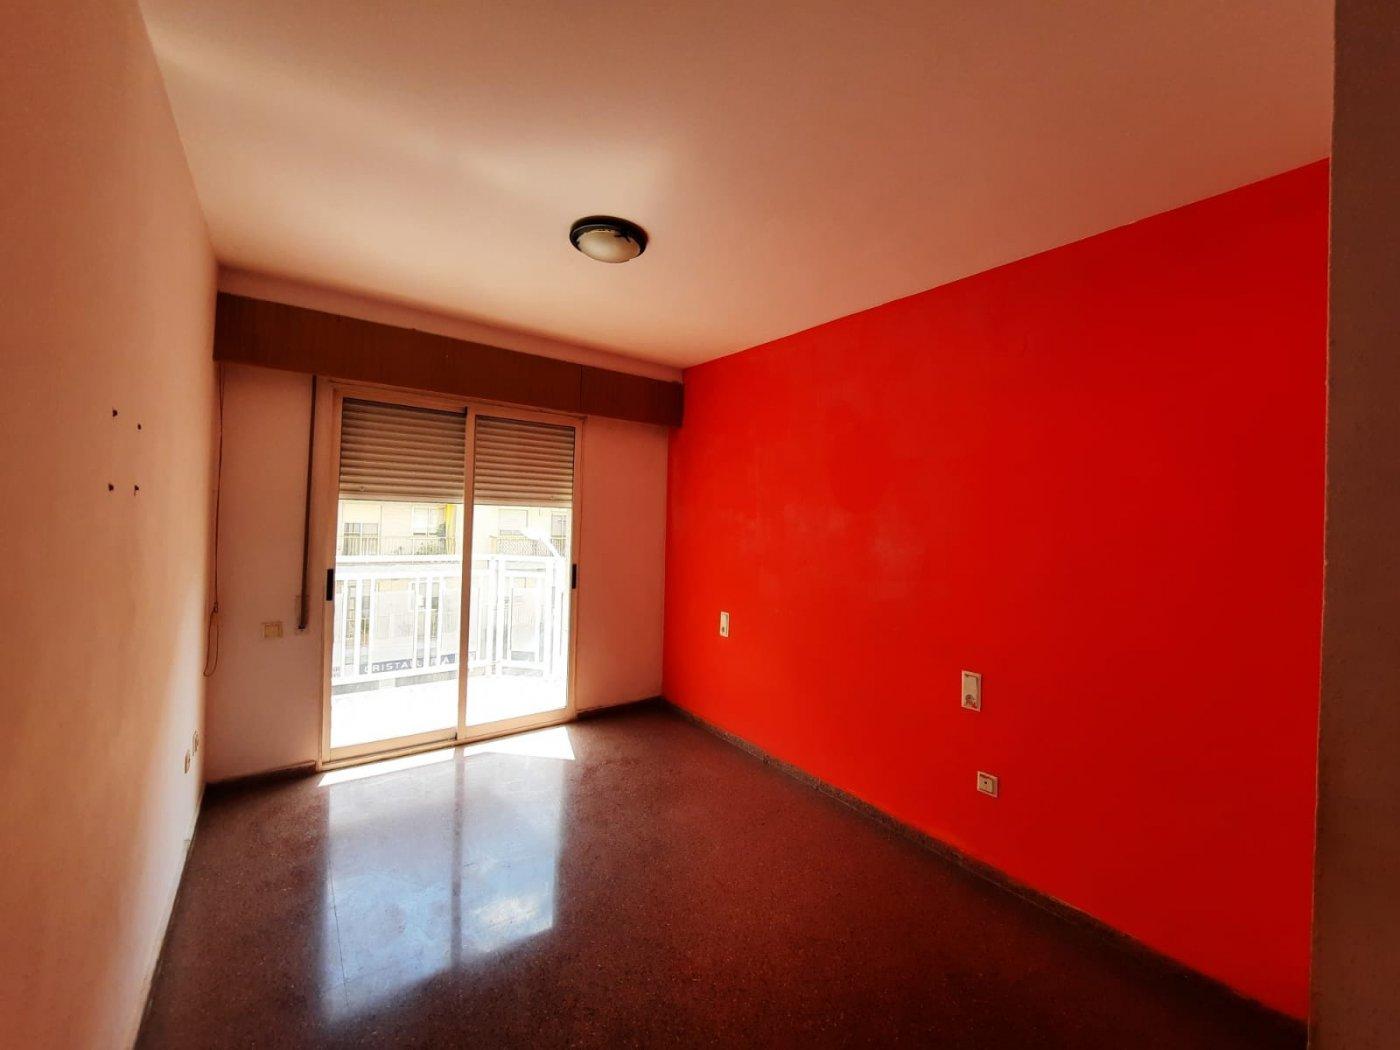 Piso en venta en calle ciudad de barcelona 7, 2a, 3, 46701 gandia.  l.a riqueza de la imag - imagenInmueble19